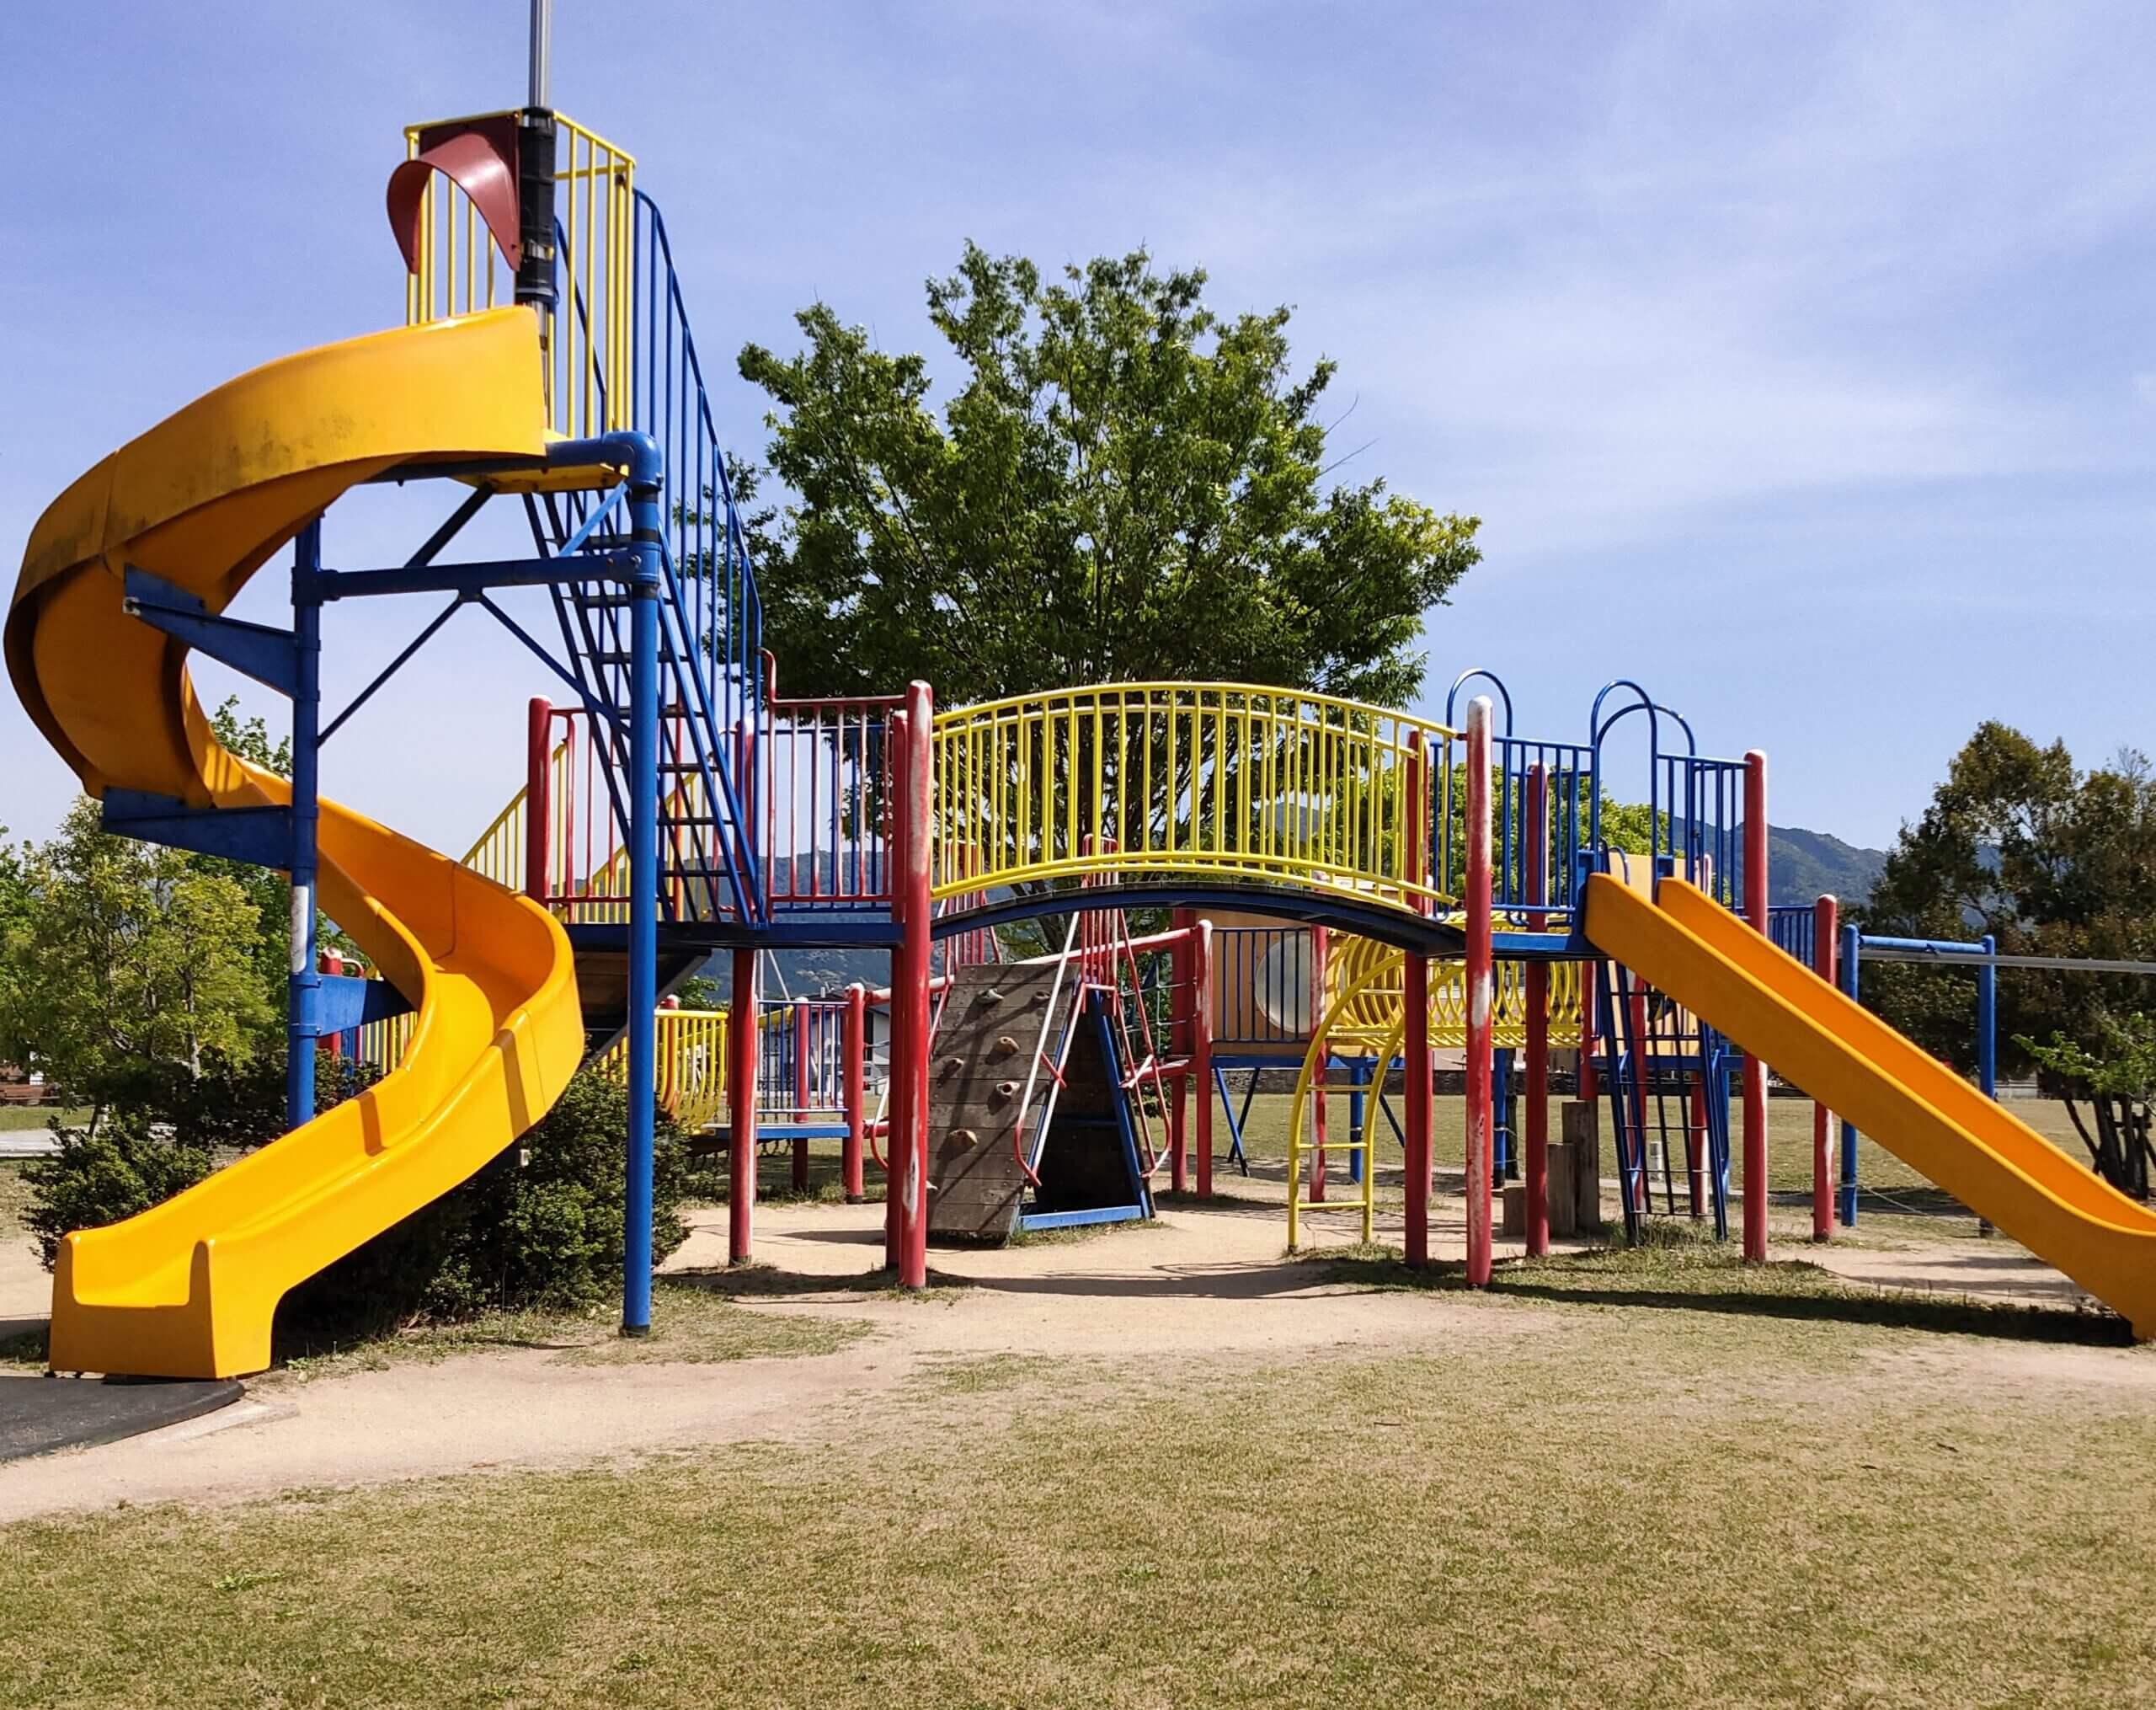 【鏡ヶ池公園】ターザンロープや滑り台が楽しい!散策もできる広い公園《八代市鏡町上鏡》